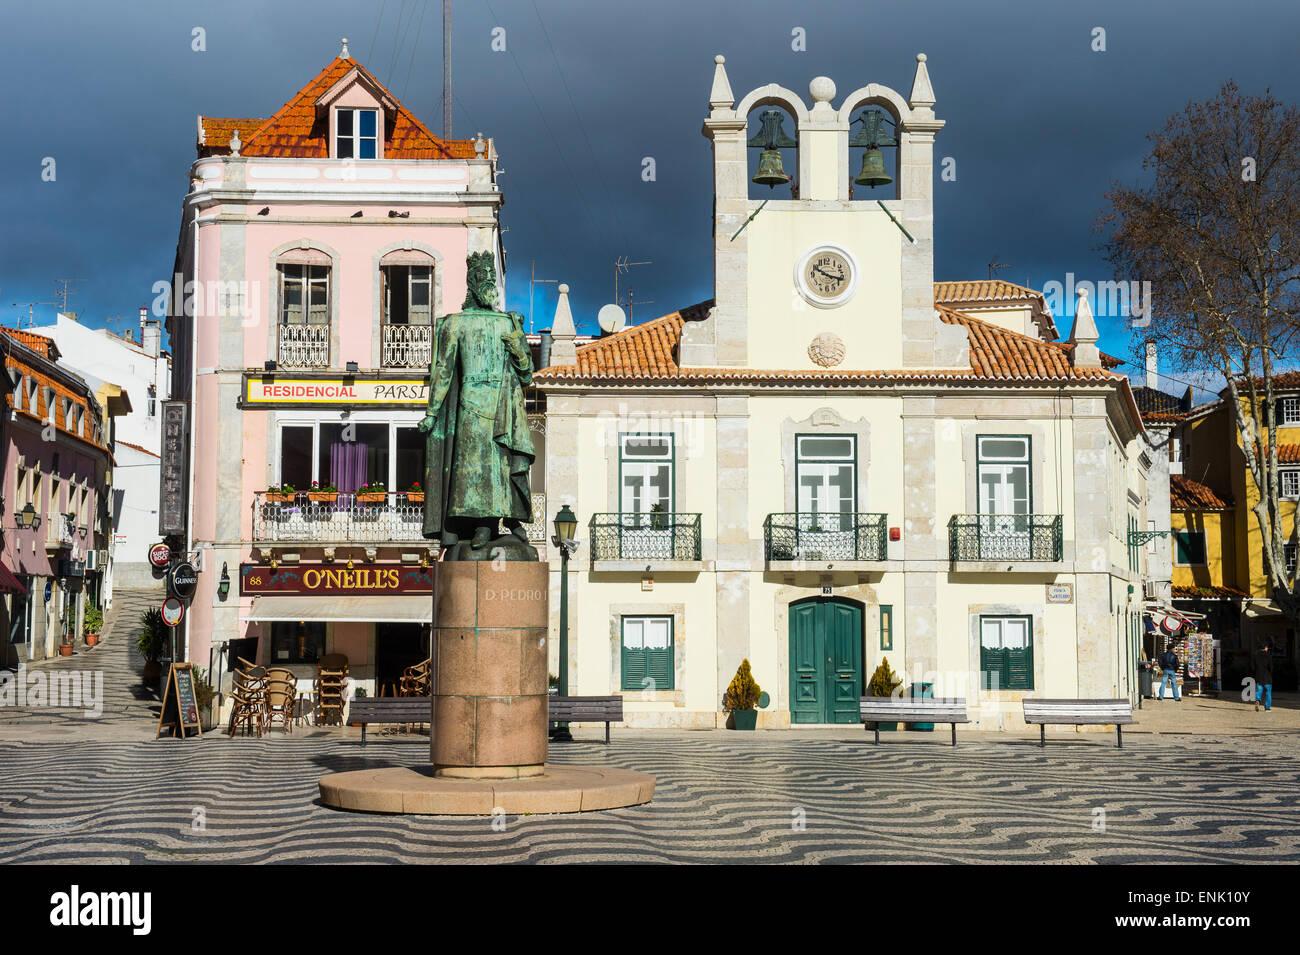 Passeio front Dom Luis, dans la station balnéaire de Cascais, Portugal, Europe Photo Stock